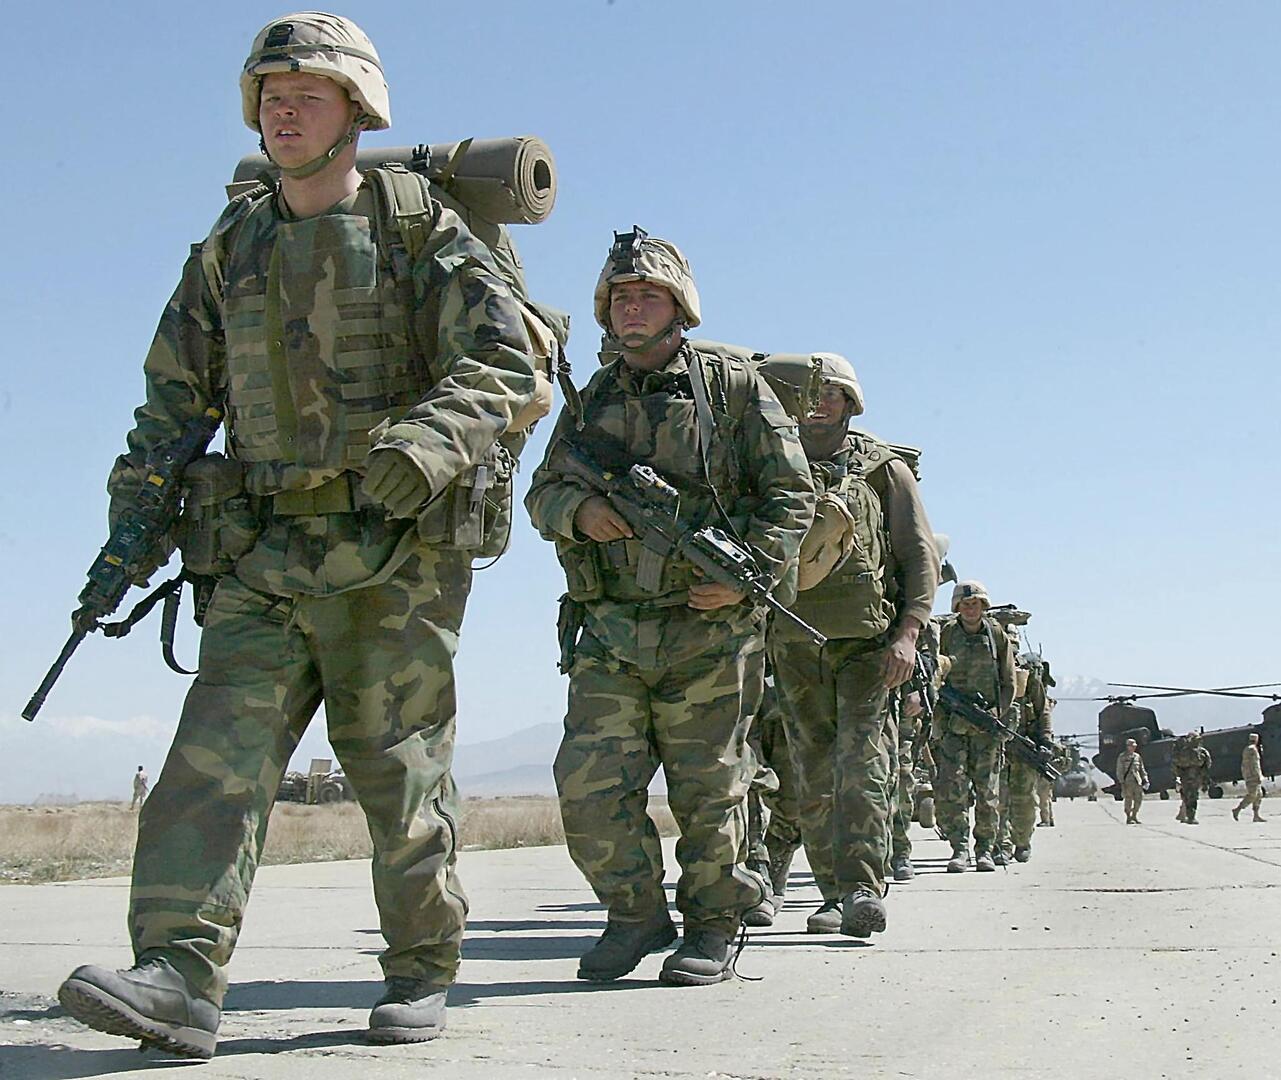 رئيس وزراء أردني سابق ينفي ما نقل على لسانه بشأن القوات الأمريكية في أفغانستان